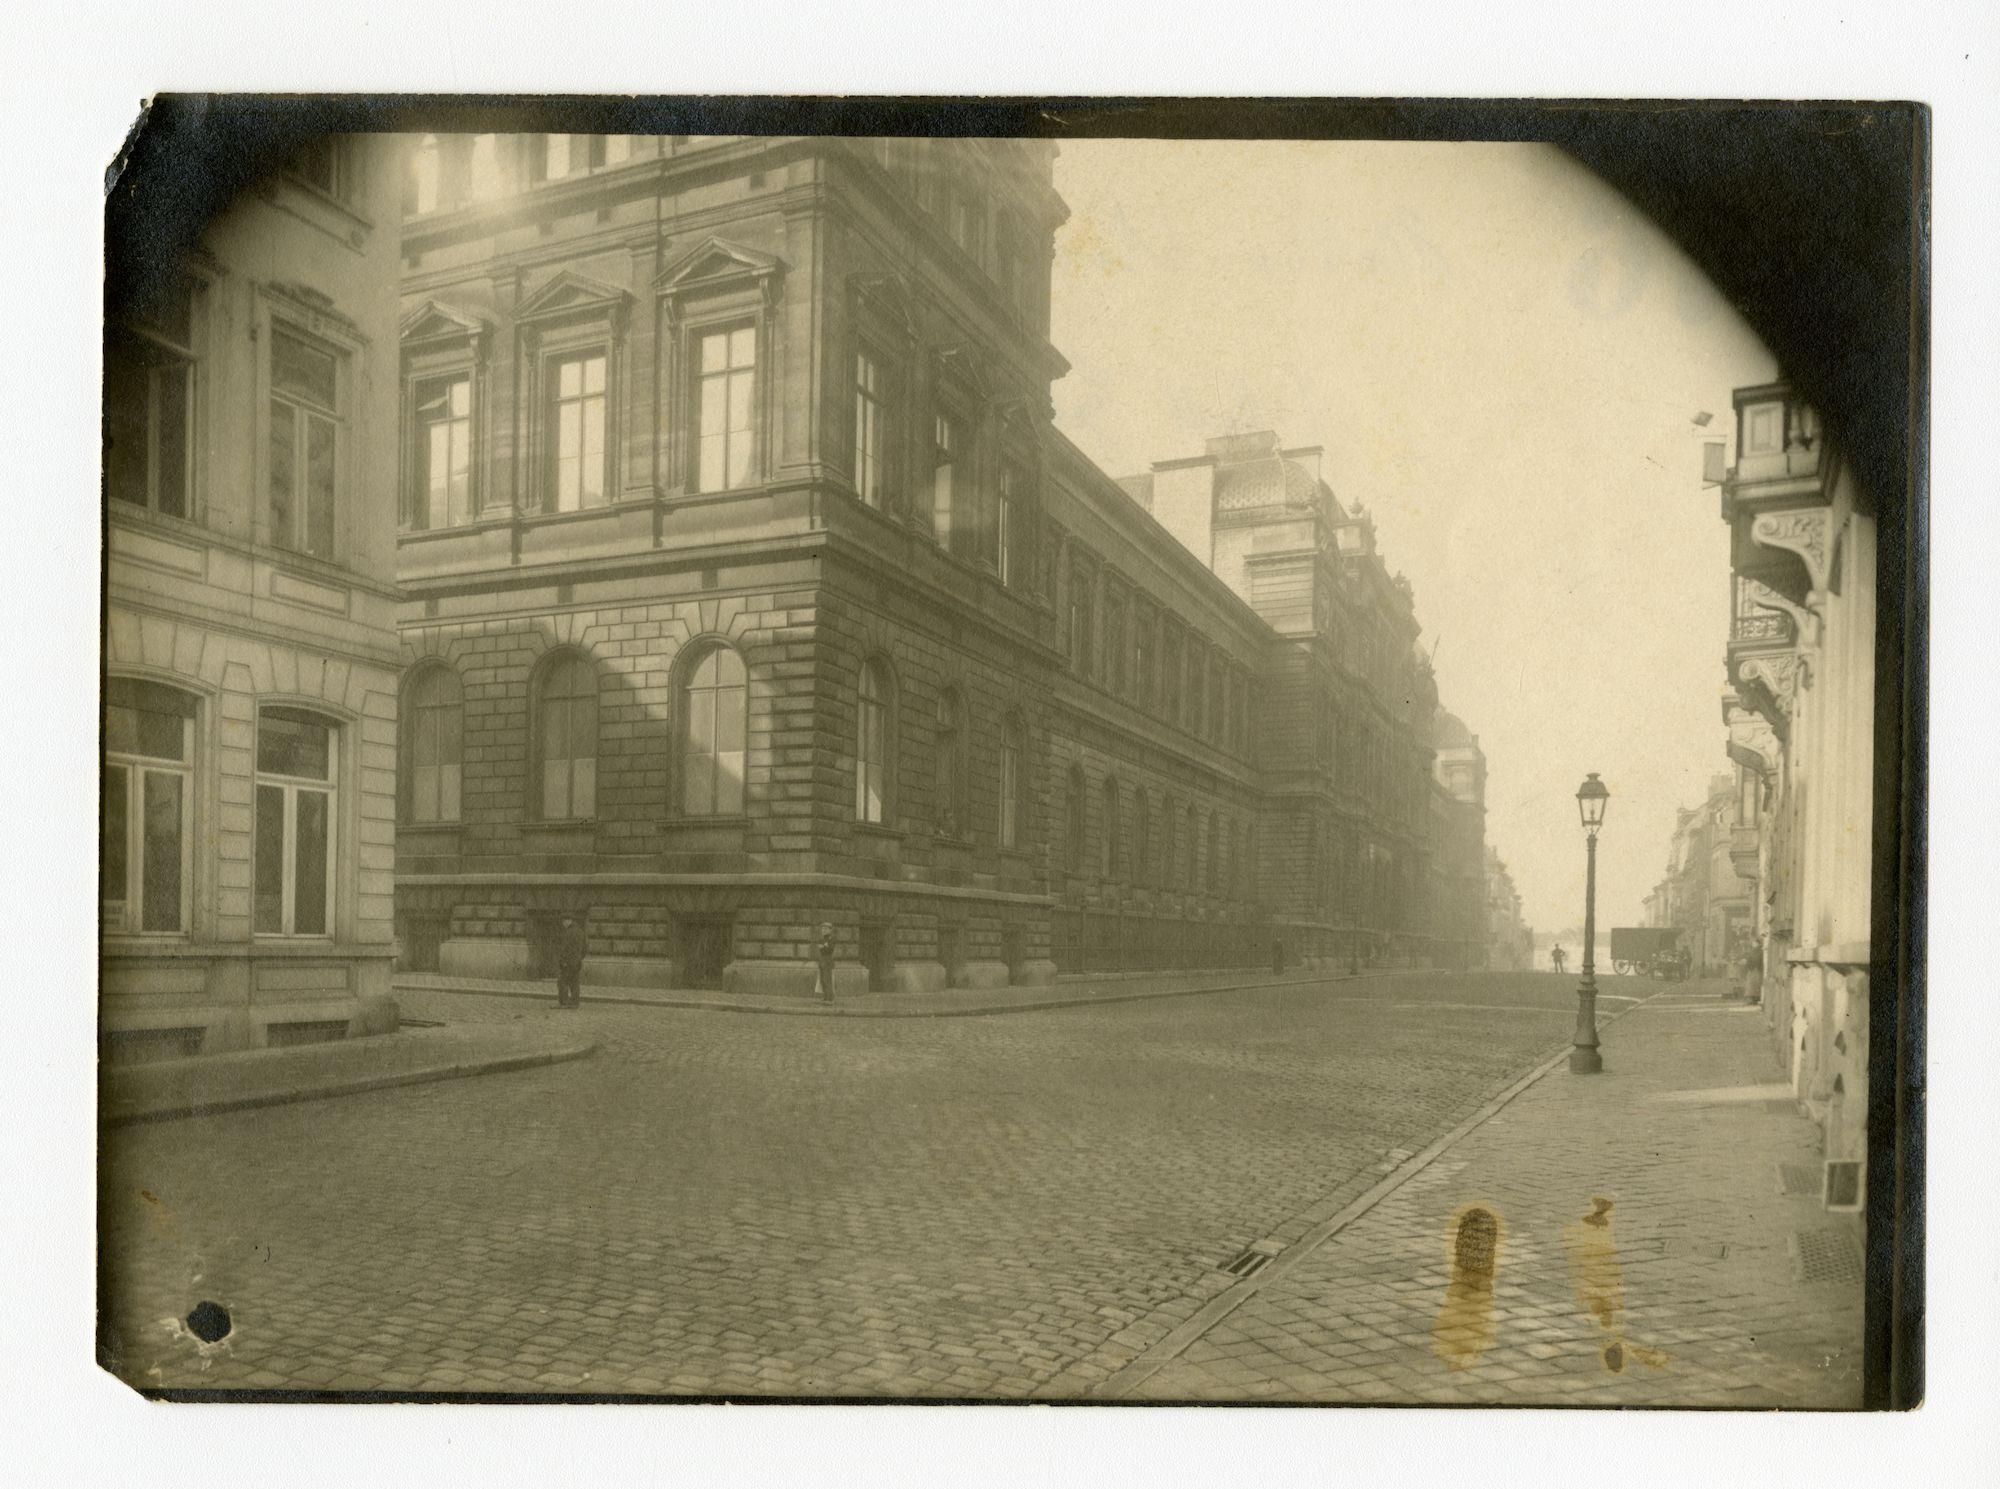 Gent: Jozef Plateaustraat, hoek Gustaaf Magnelstraat: 'Nieuwe Universiteit', 1915-1916